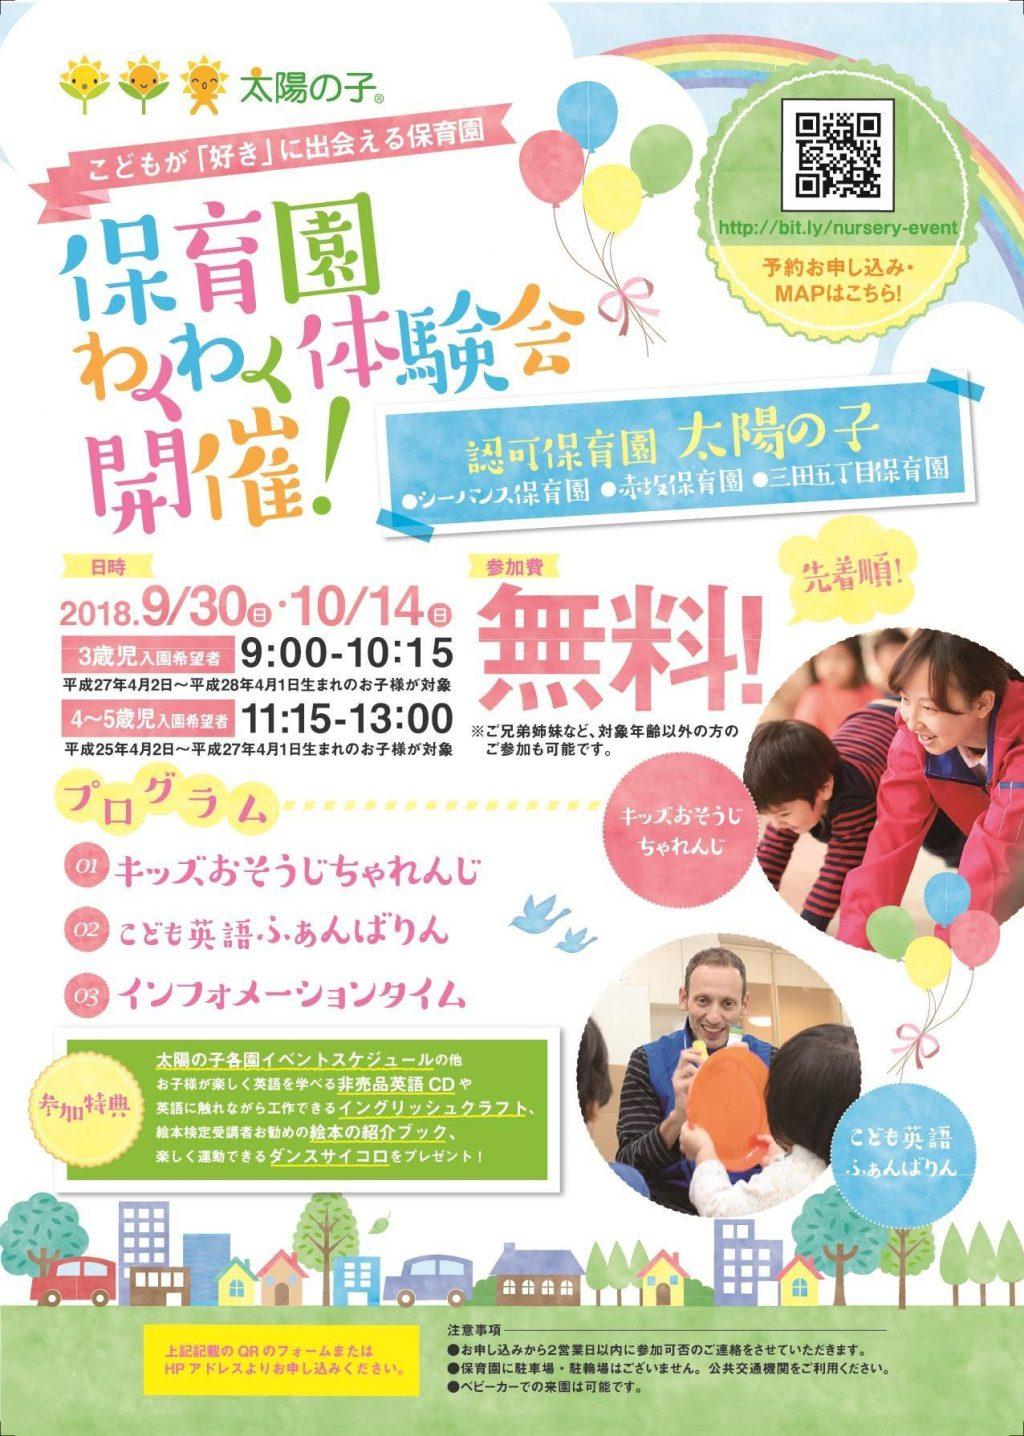 【先着順!】太陽の子保育園がよくわかるイベント開催!